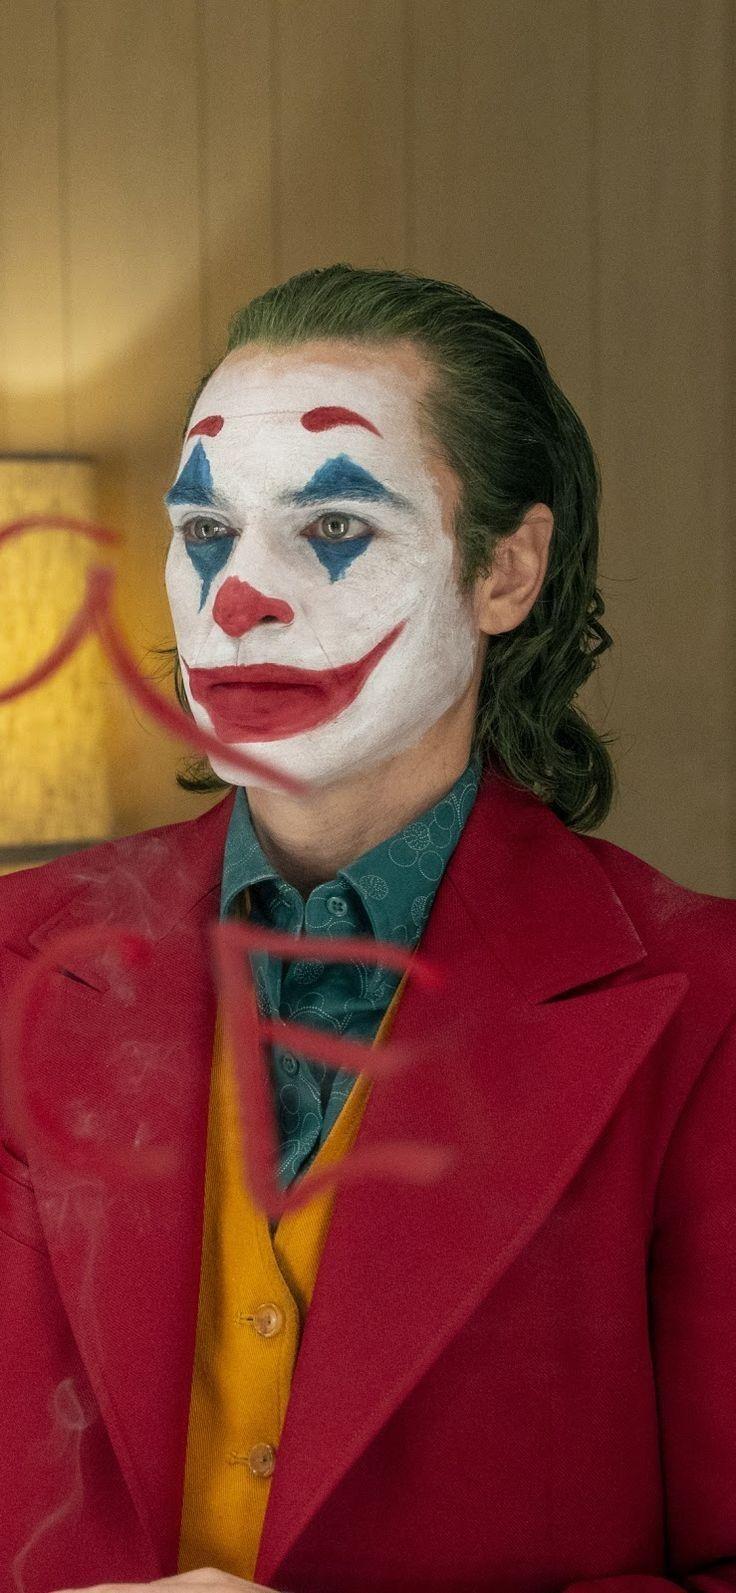 Joker Mix Picture S In 2020 Joker Wallpapers Joker Images Joaquin Phoenix